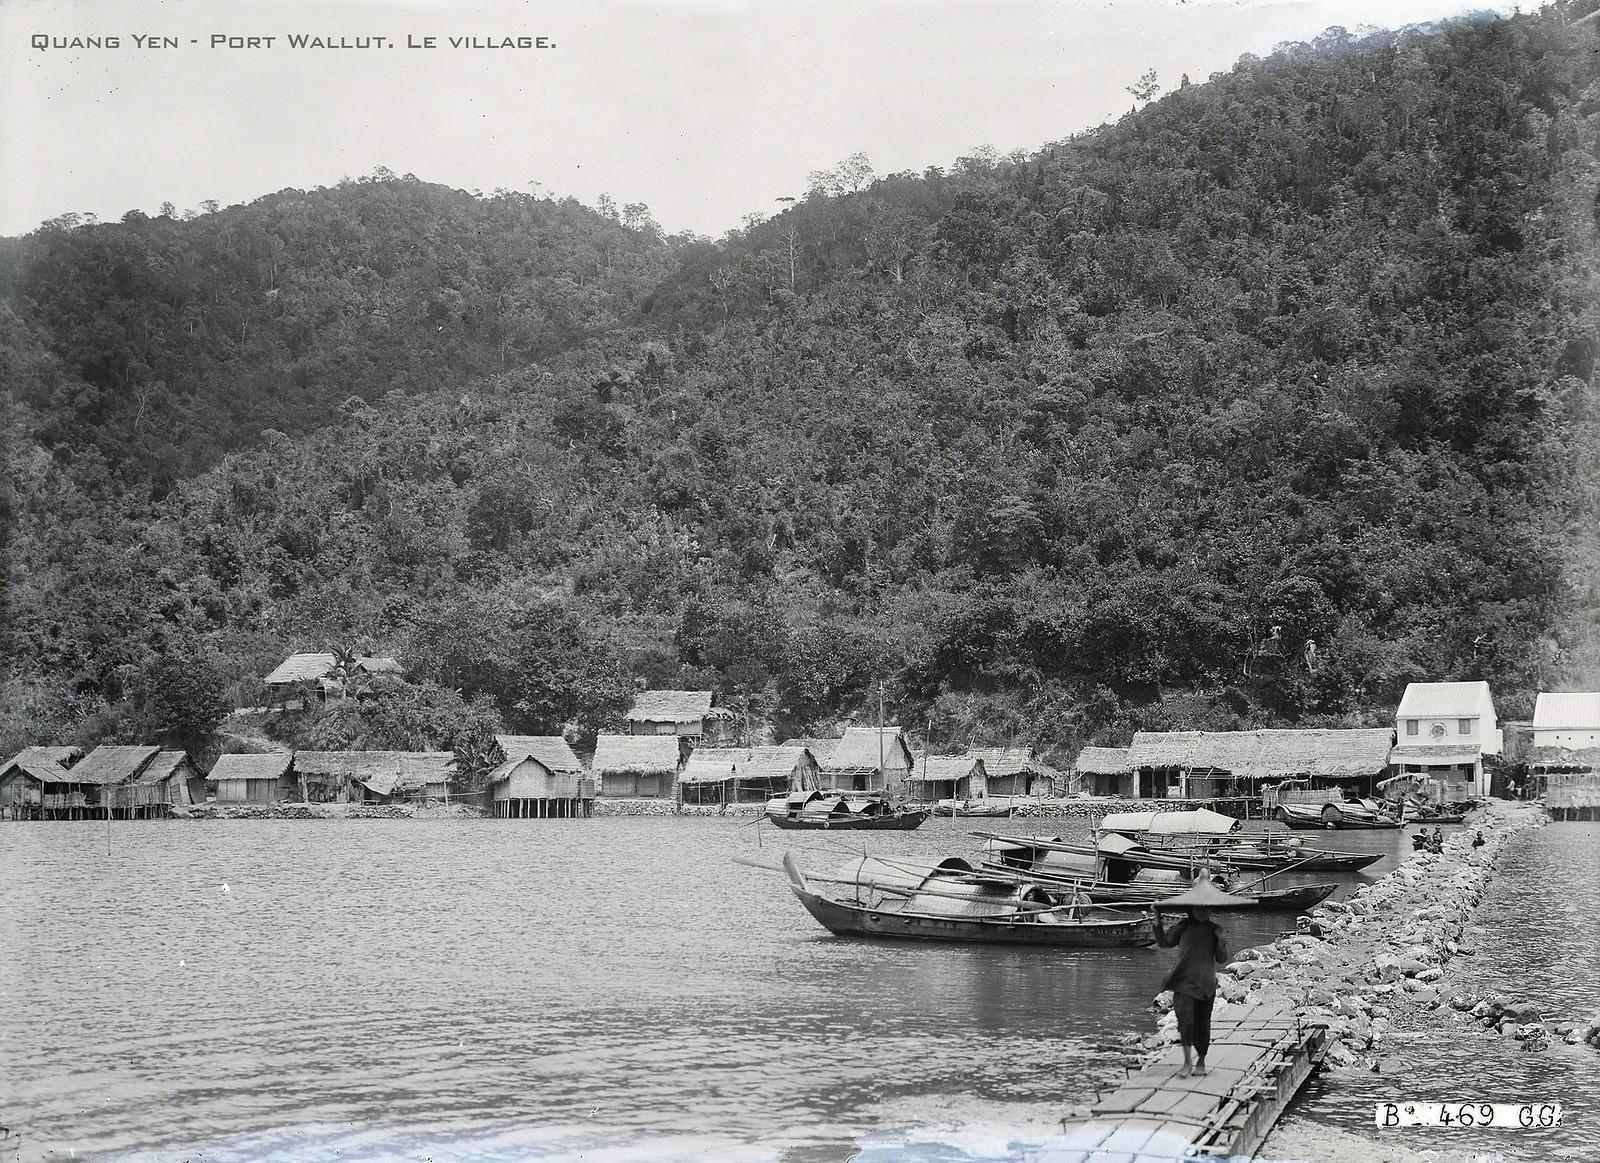 Loạt ảnh quý giá đảo Vân Đồn thập niên 1920